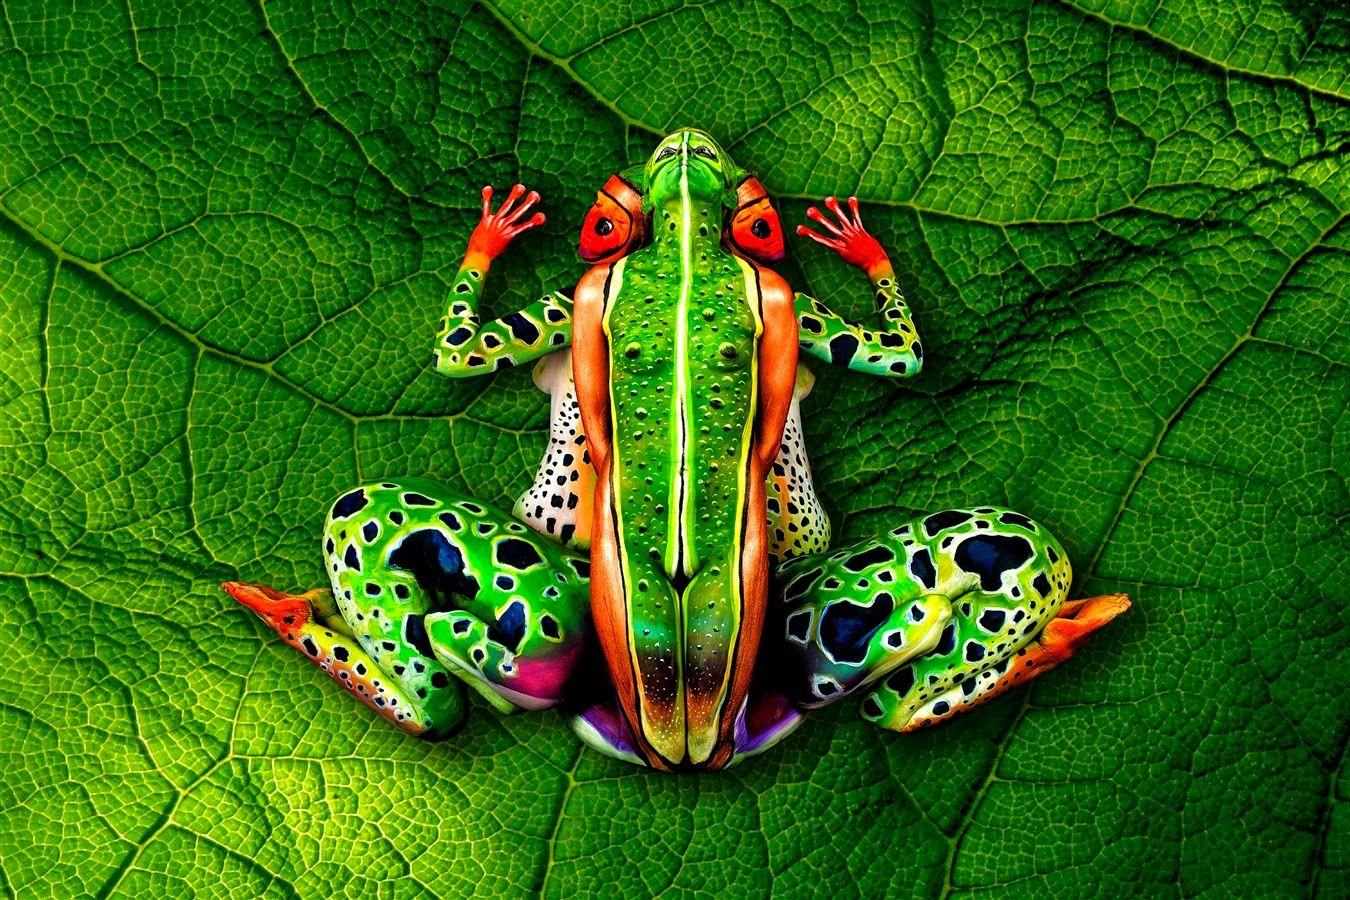 Imágenes ópticas con cuerpos humanos